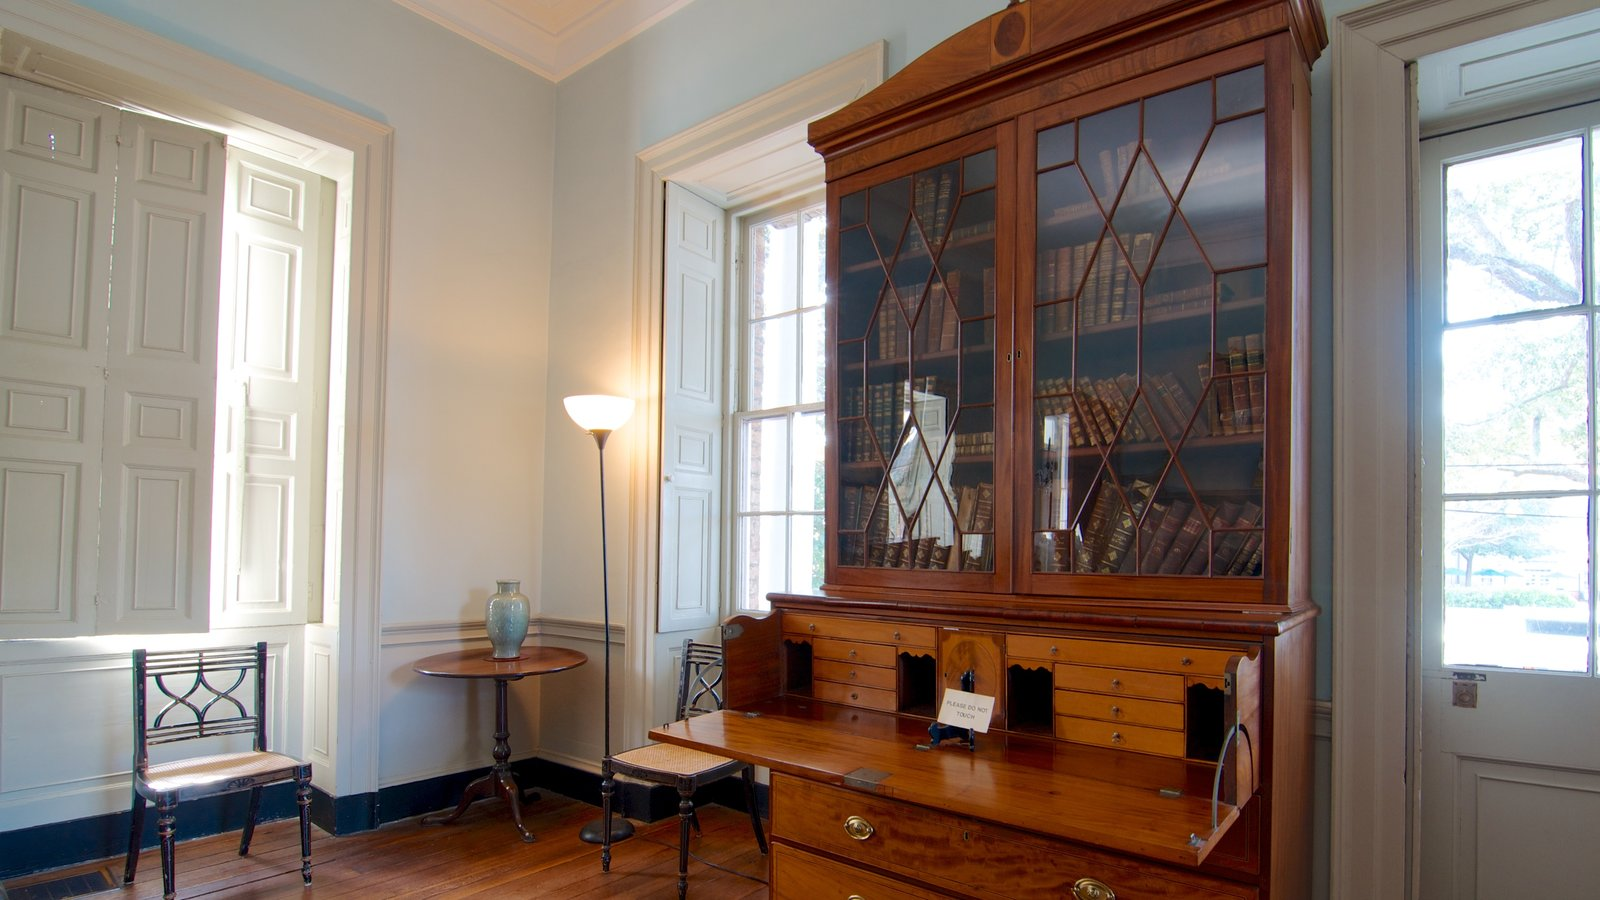 Joseph Manigault House mostrando vistas internas